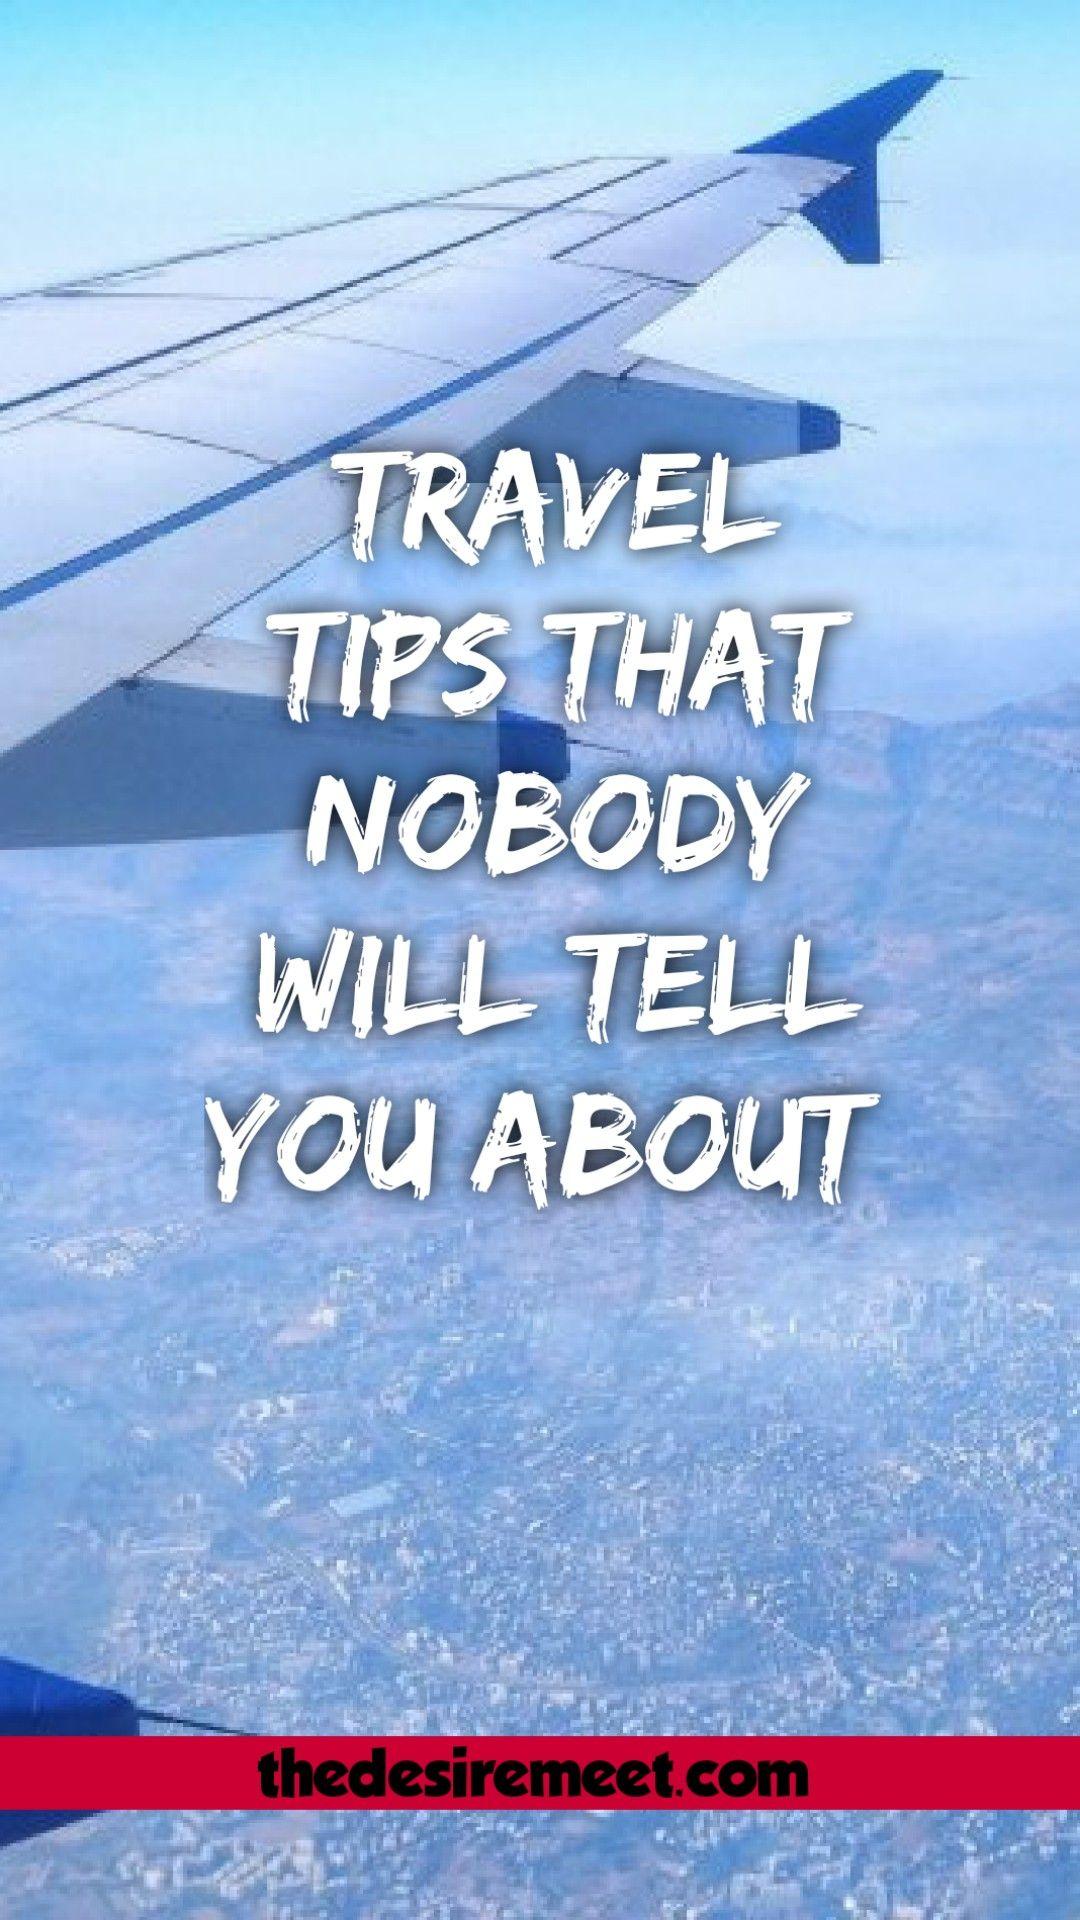 #traveltips #travelhacks #travelguide